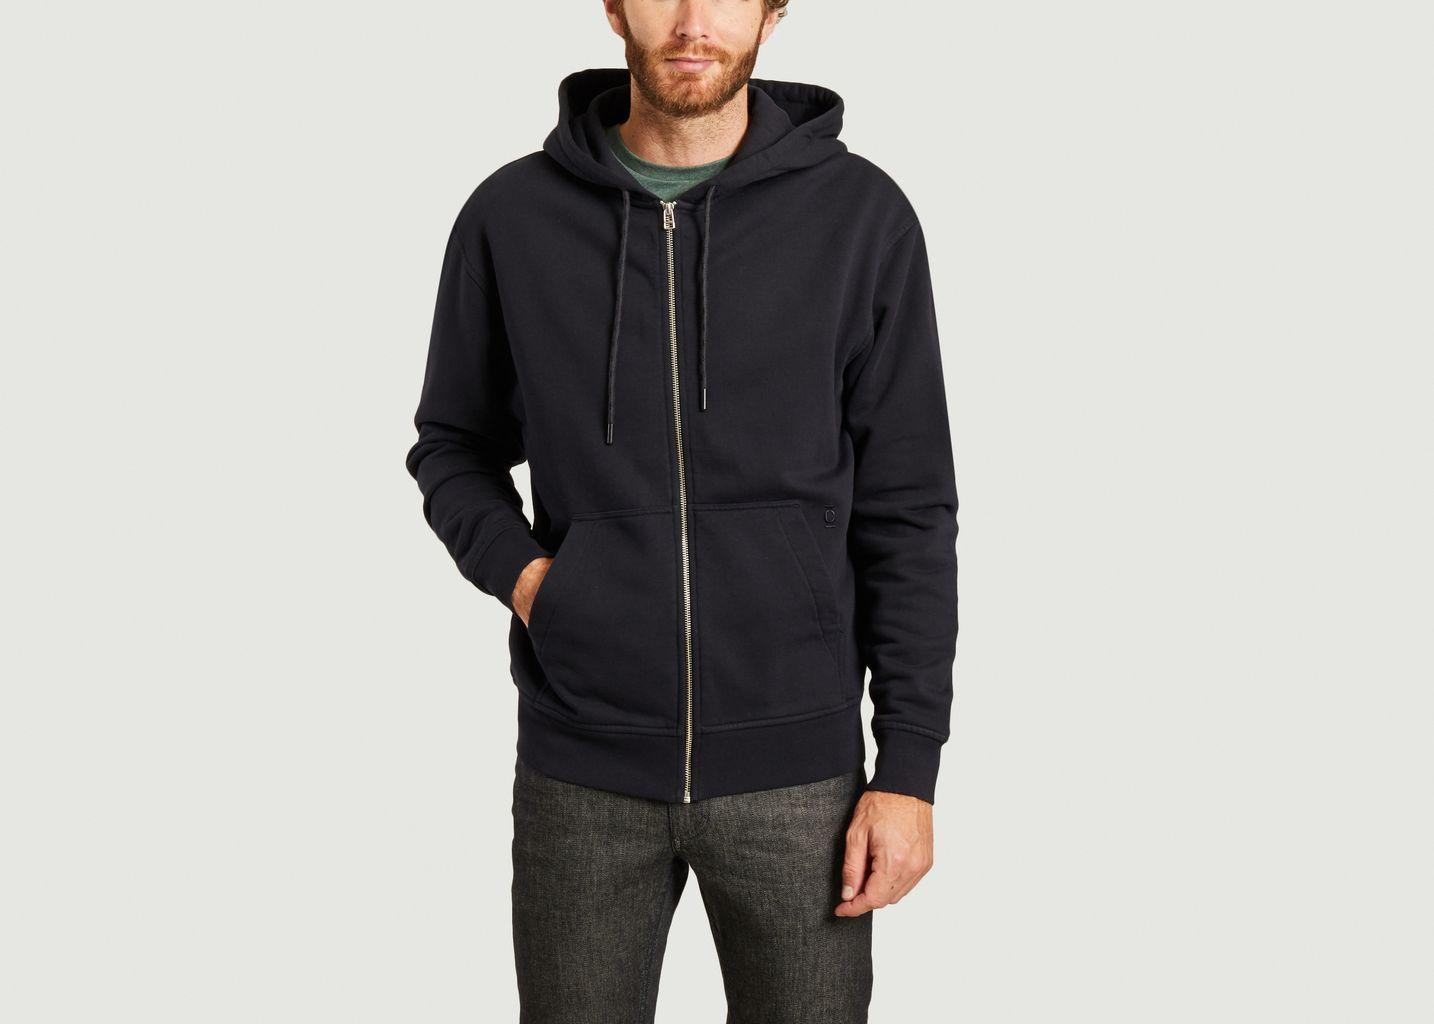 Zip hoodie - Closed